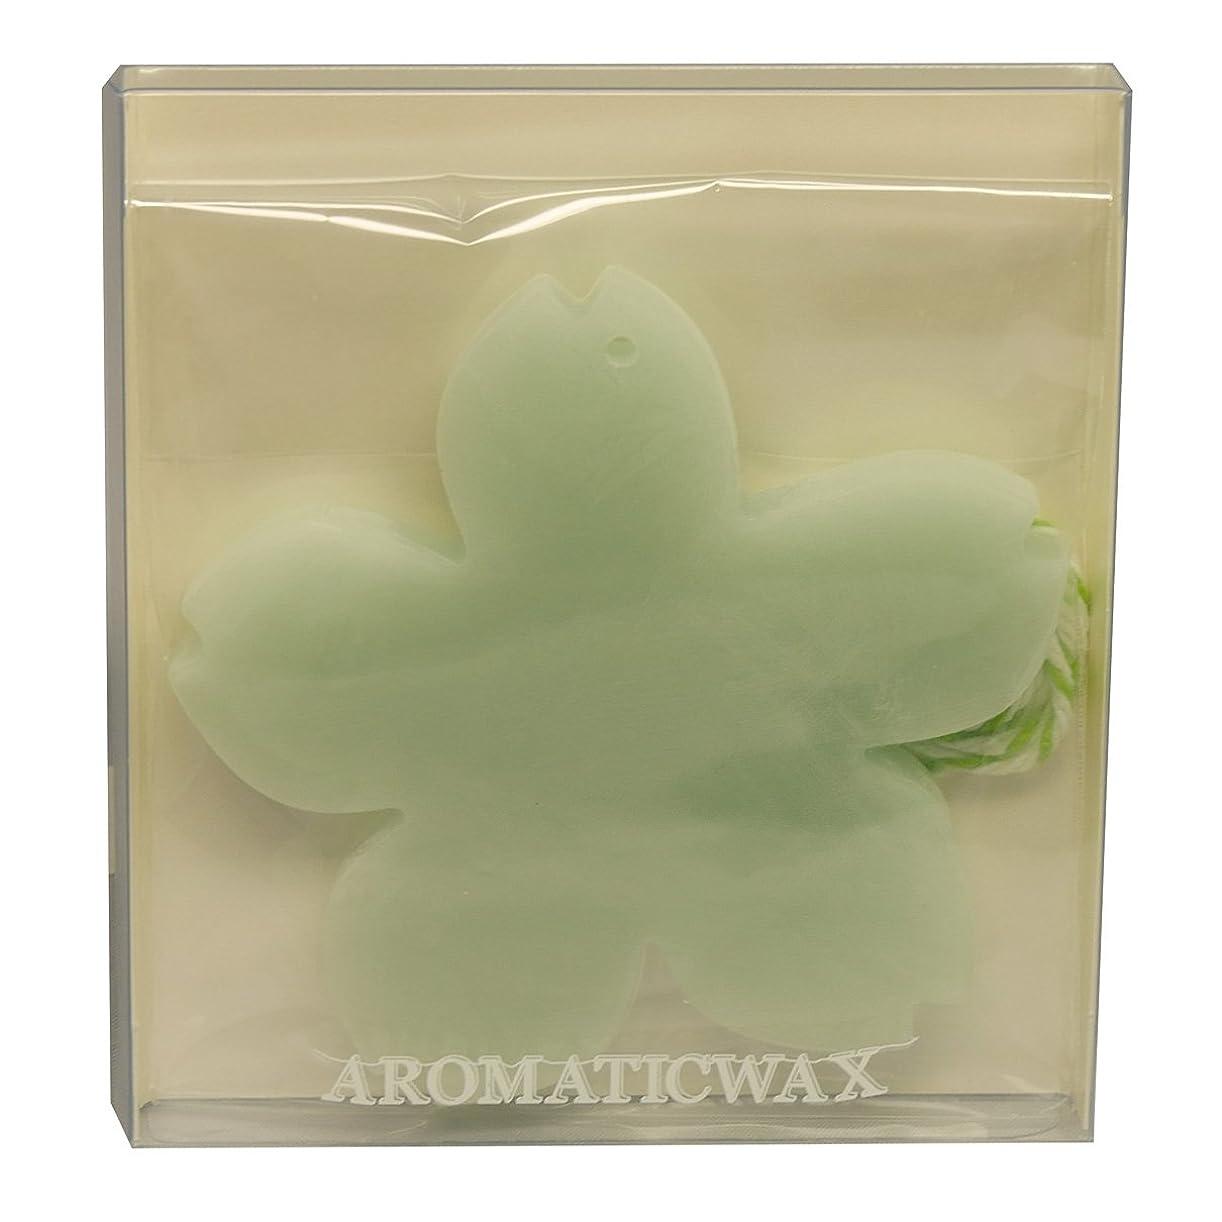 民間人キャンドル殺人GRASSE TOKYO AROMATICWAXチャーム「さくら」(GR) レモングラス アロマティックワックス グラーストウキョウ